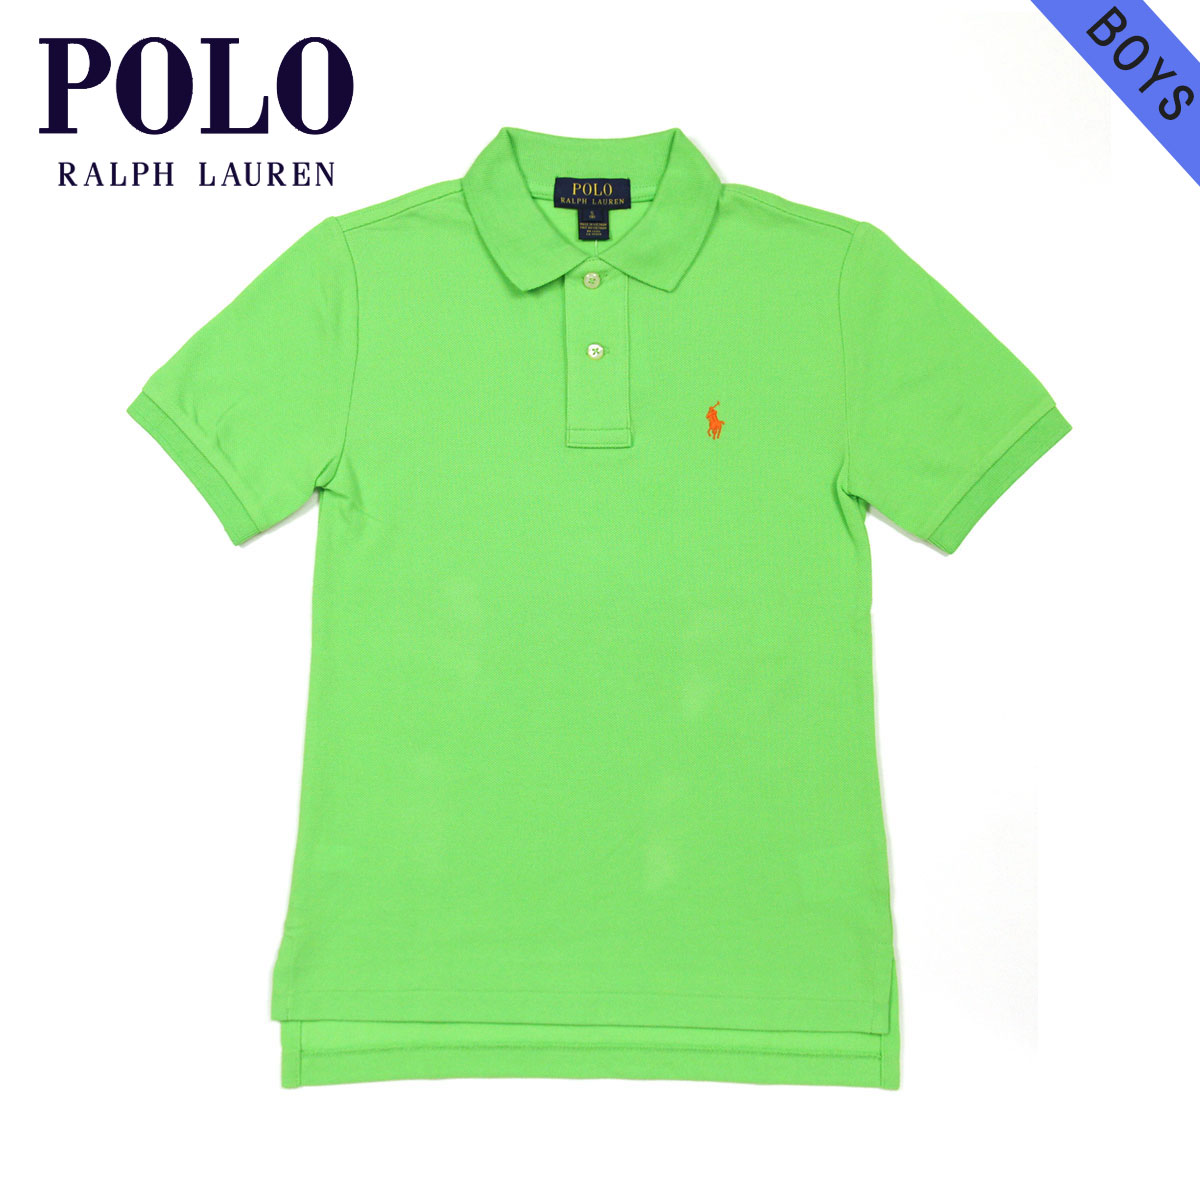 a36a9a32c23b Polo Ralph Lauren kids POLO RALPH LAUREN CHILDREN regular article children s  clothes boys polo shirt Pony Polo D20S30